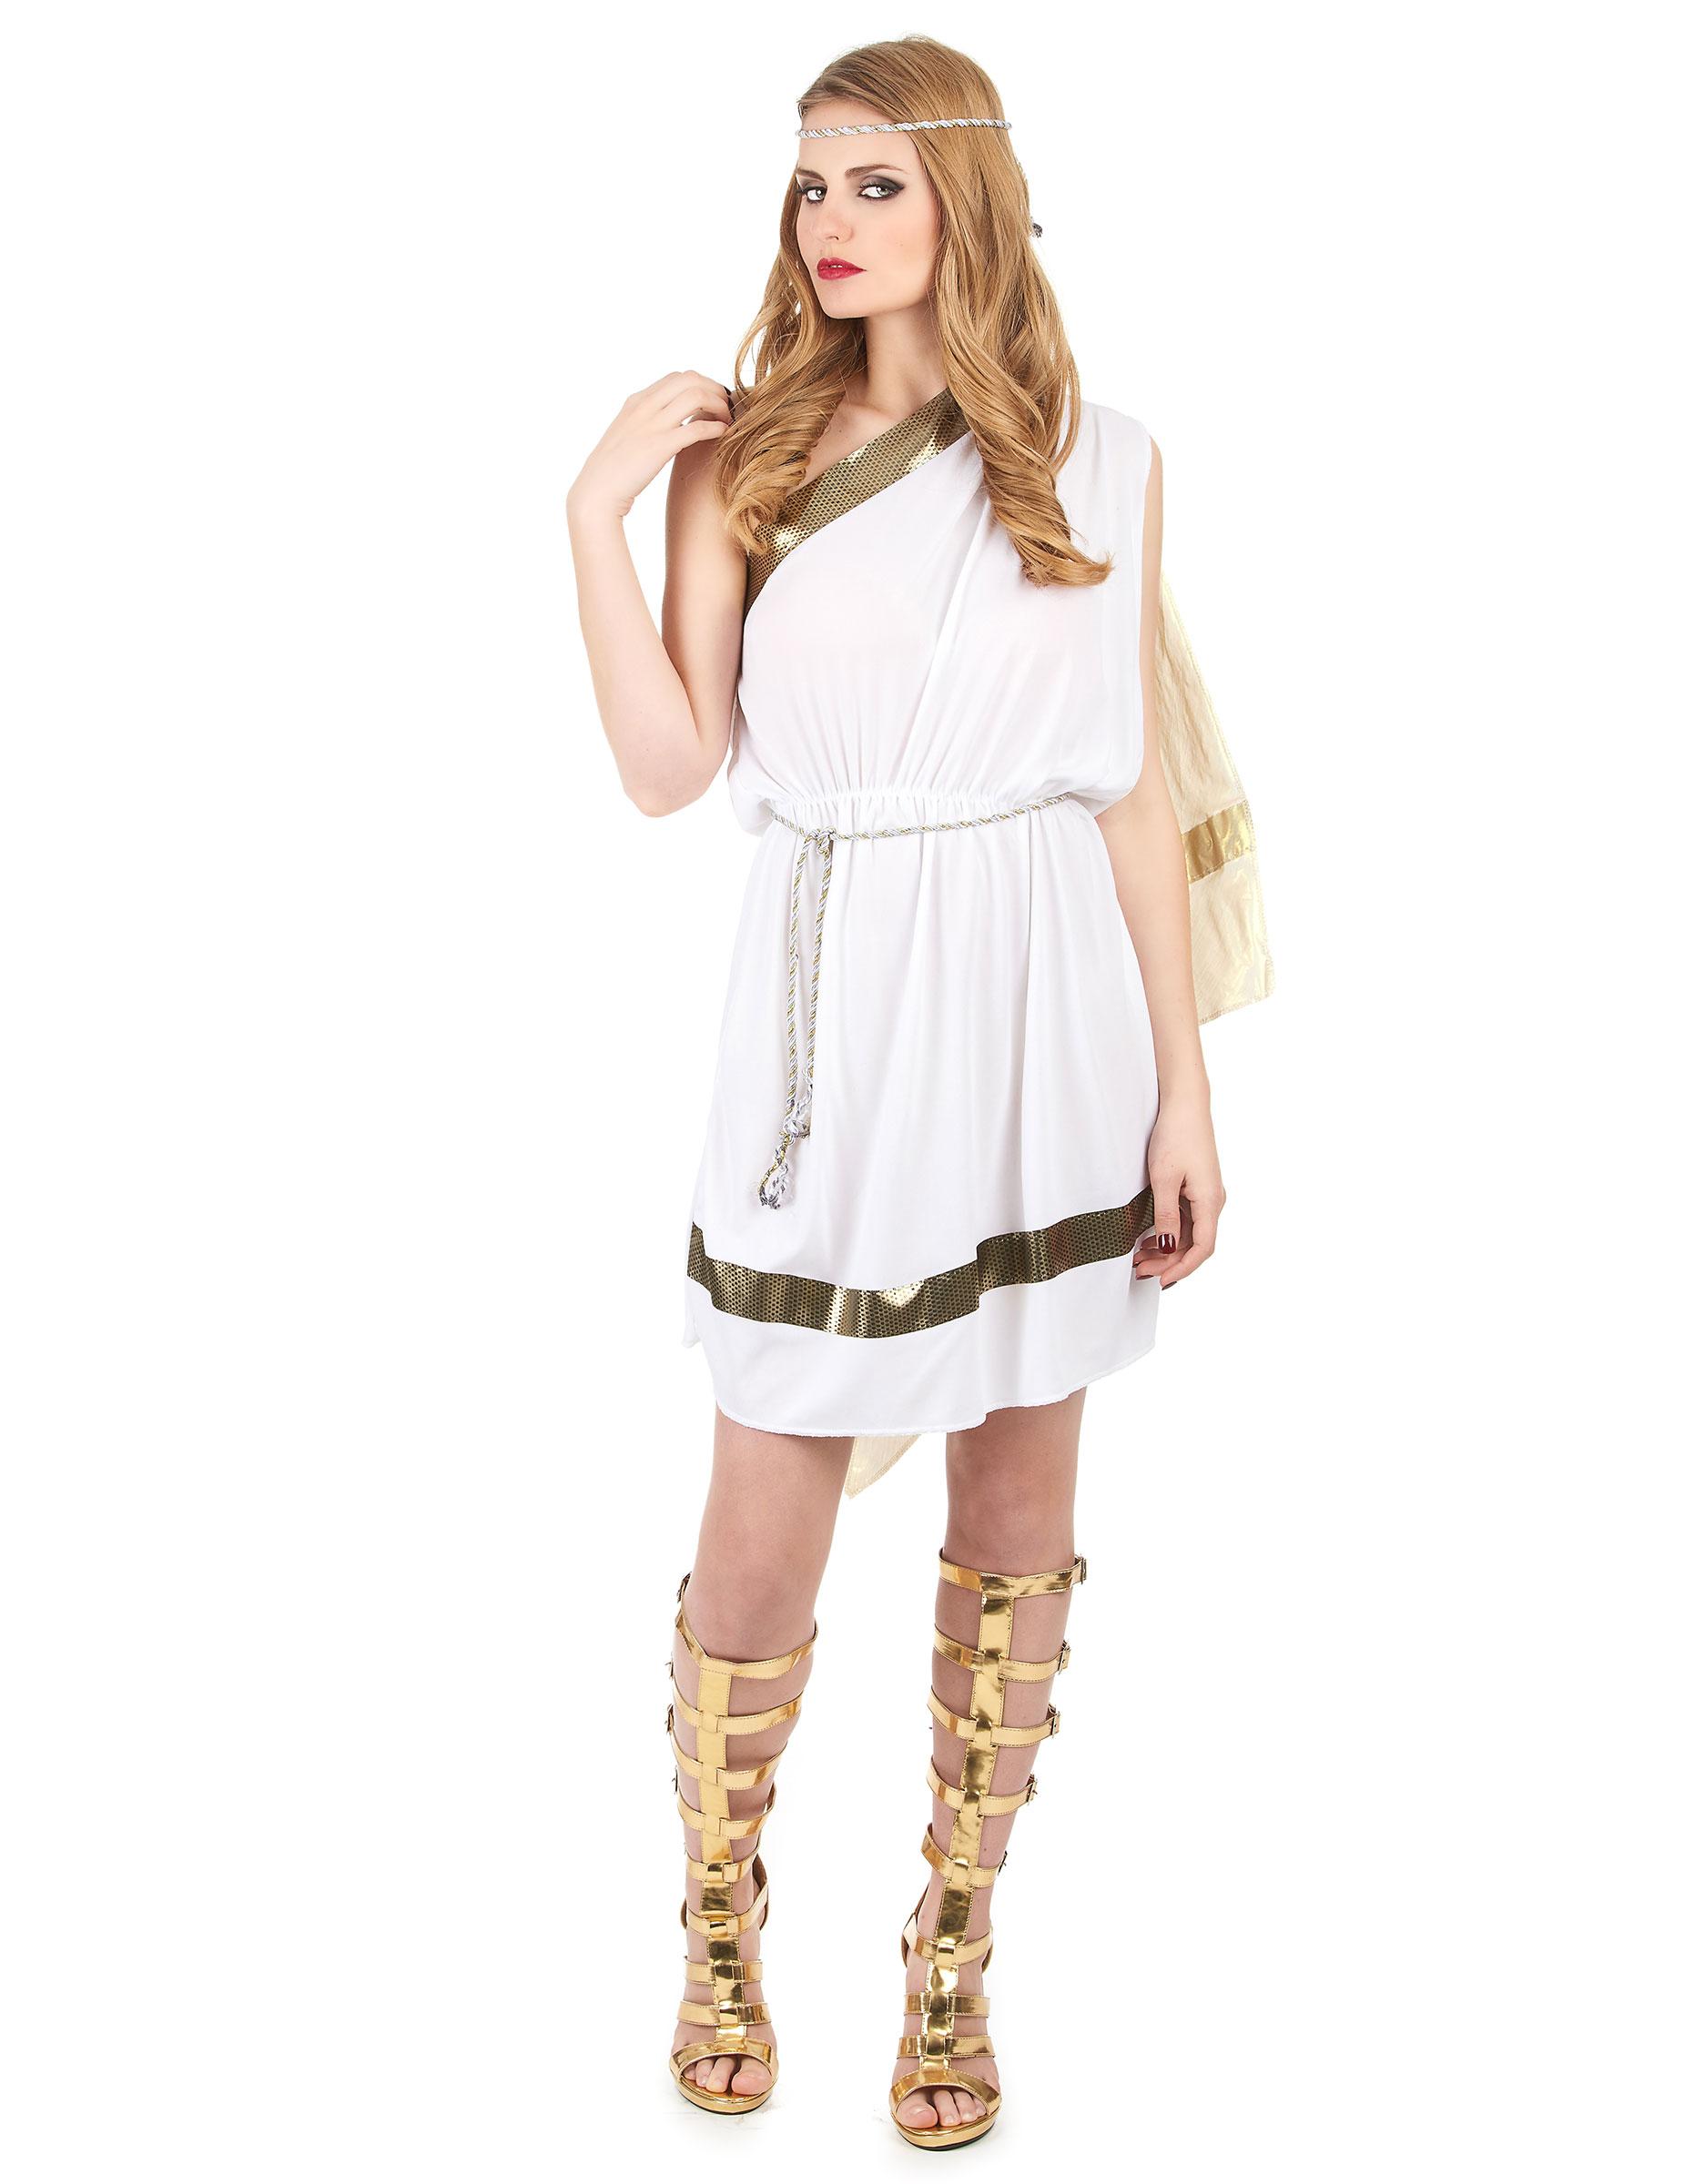 53b305f03a8a0b Klassiek wit kostuum van een Romeinse godin voor volwassenen ...